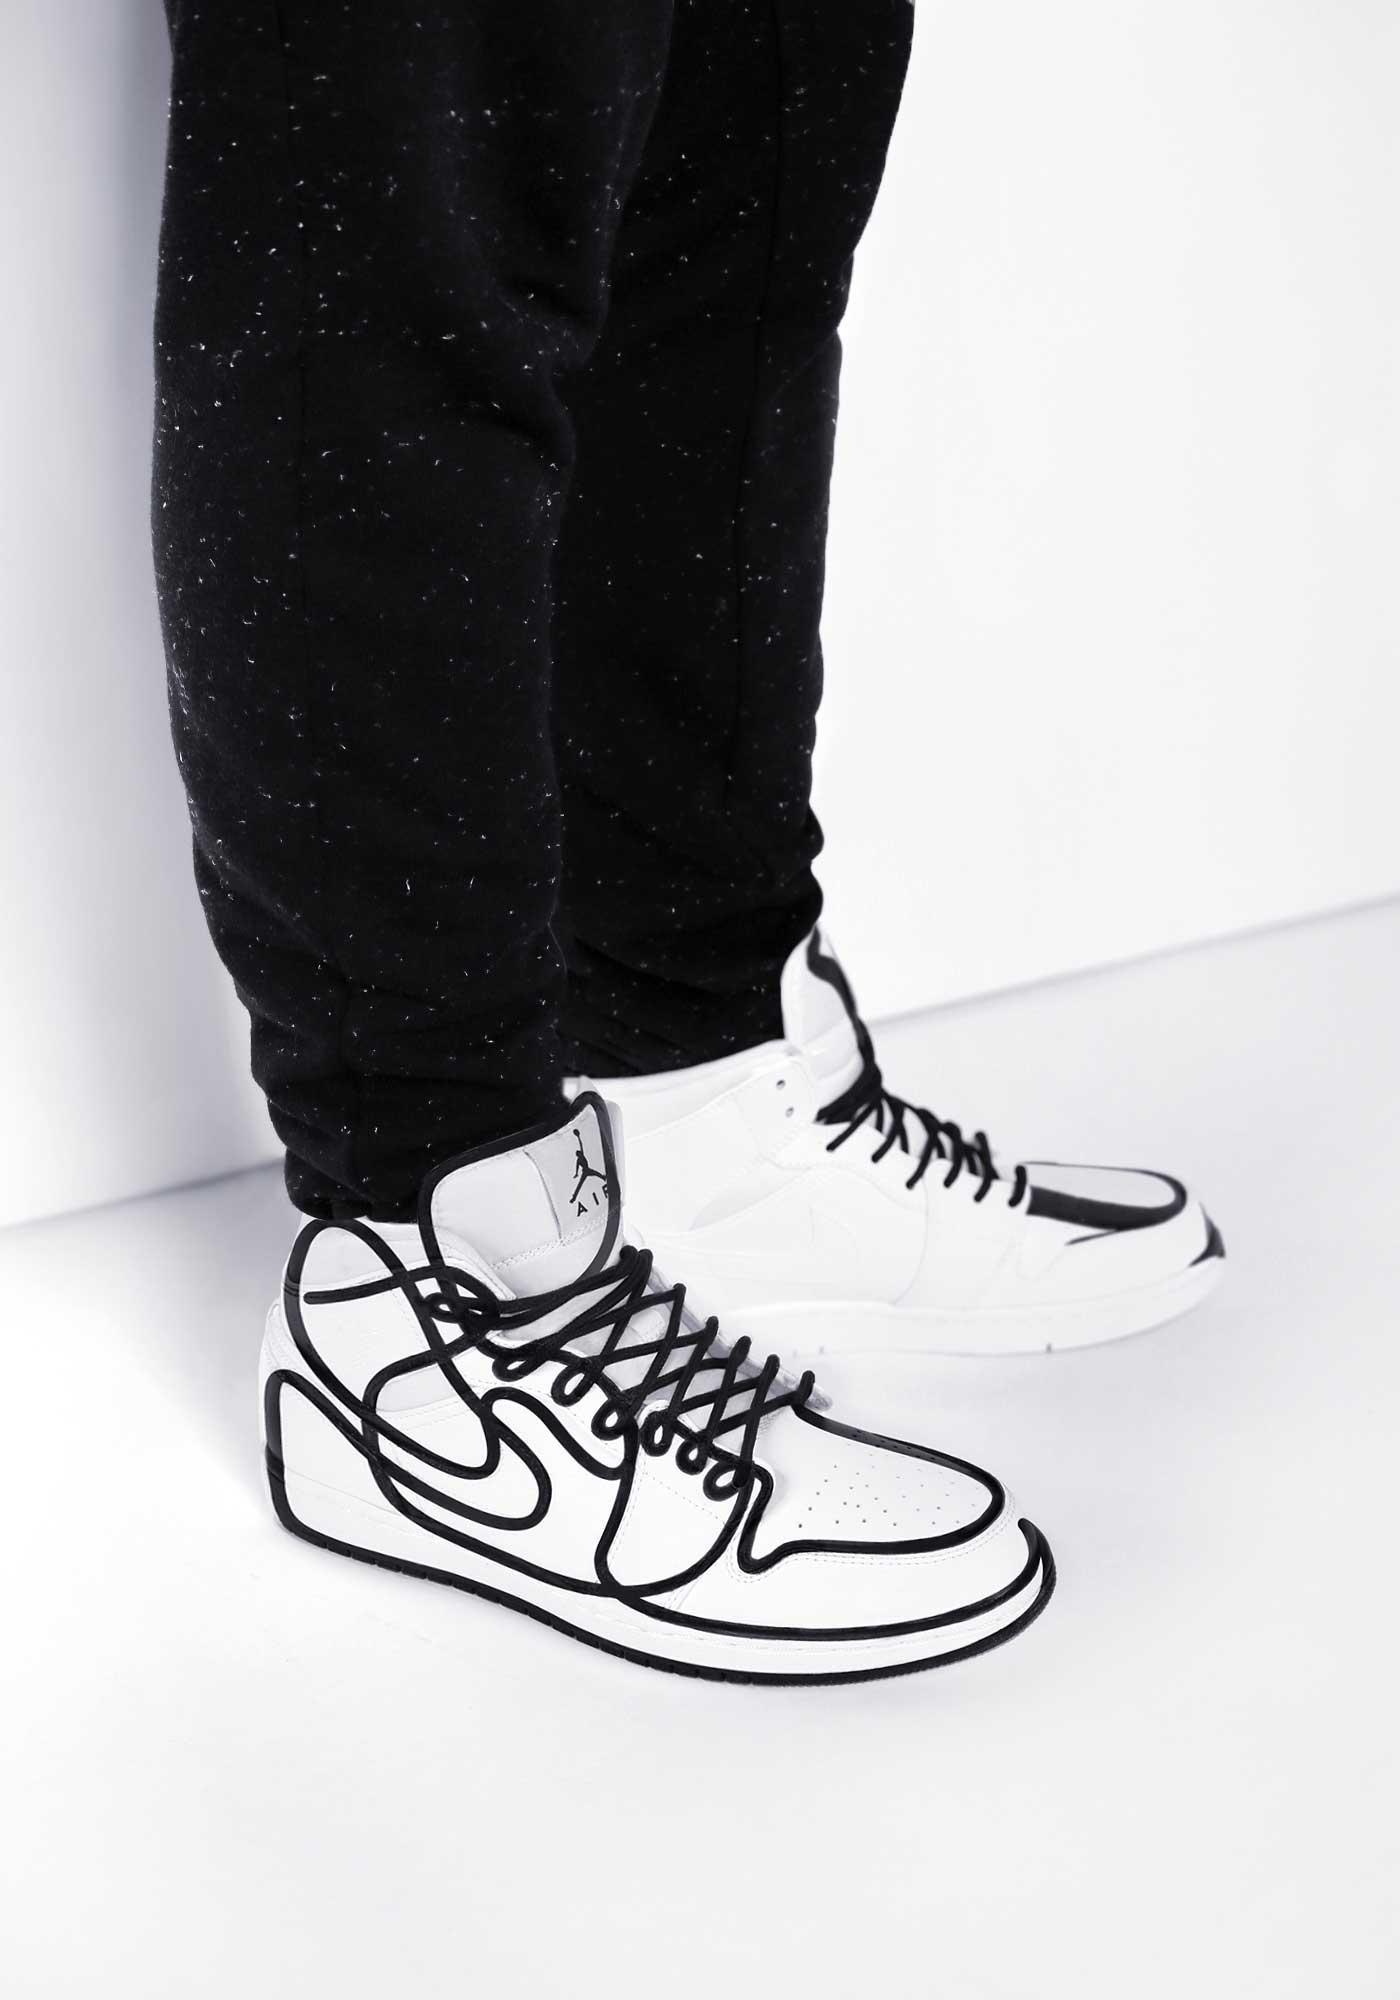 Nike Air Jordan aus einer Linie Intangible-Object-nike-air-jordan-dft_04